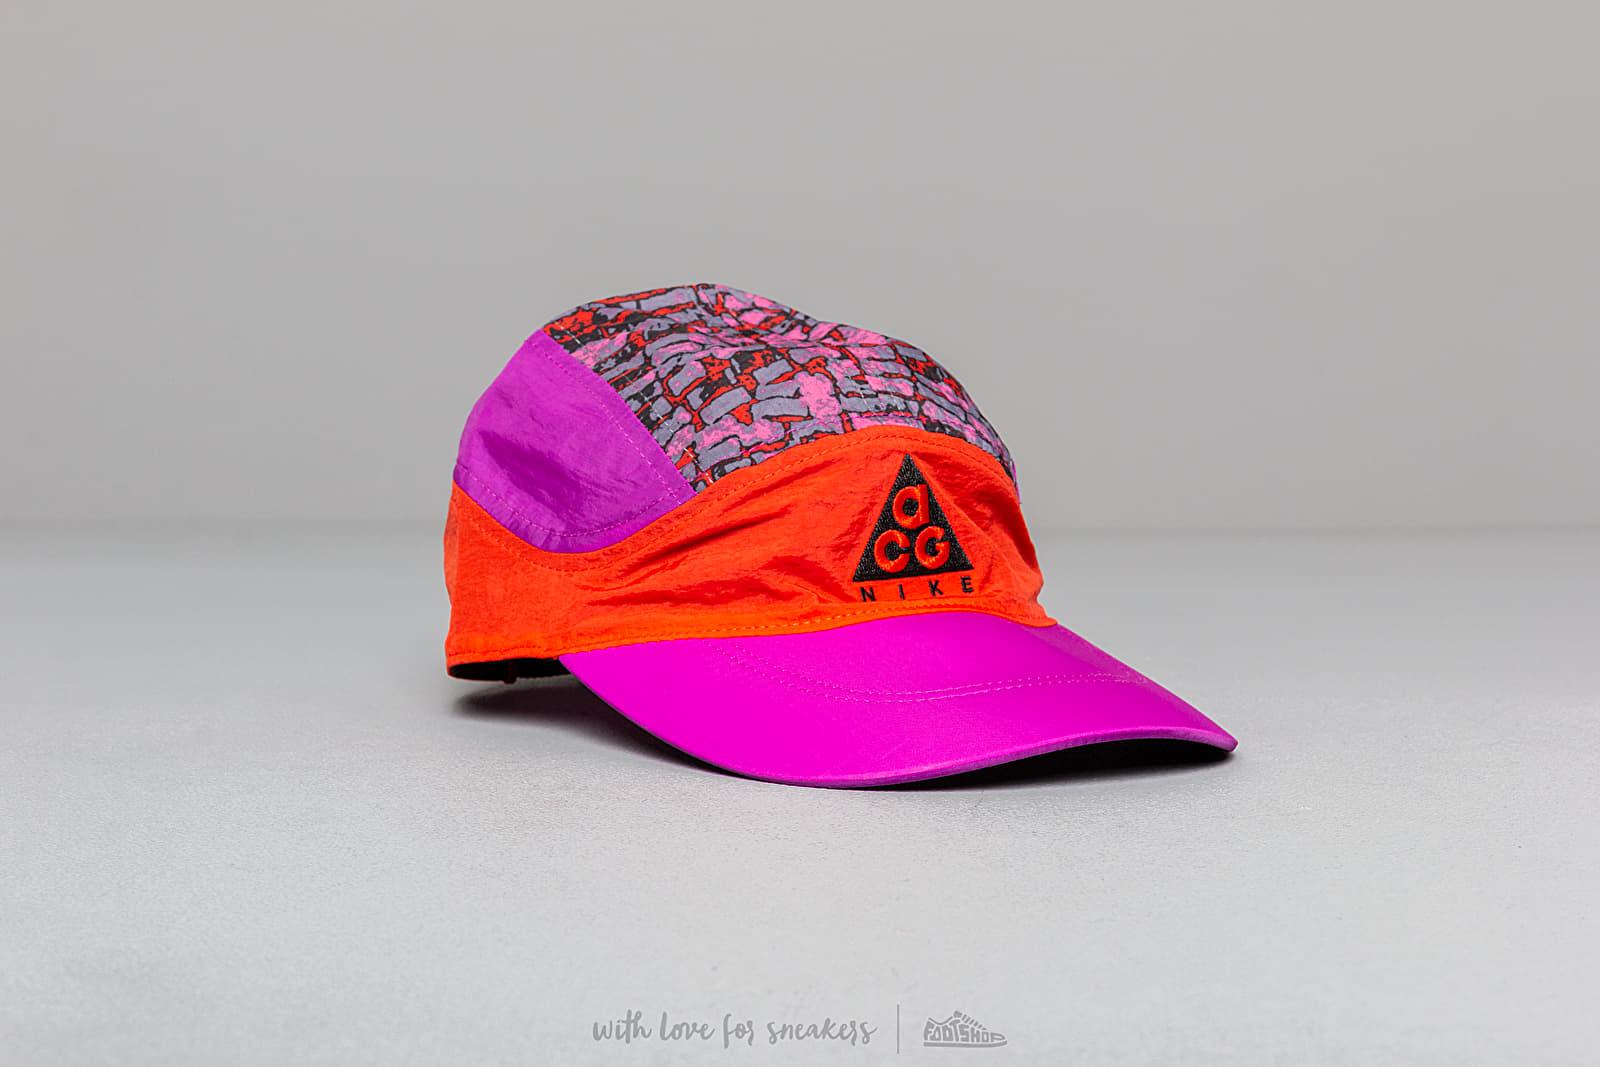 Nike NRG ACG Tailwind Cap G1 Habanero Red/ Vivid Purple/ Black/ Black za skvělou cenu 890 Kč koupíte na Footshop.cz